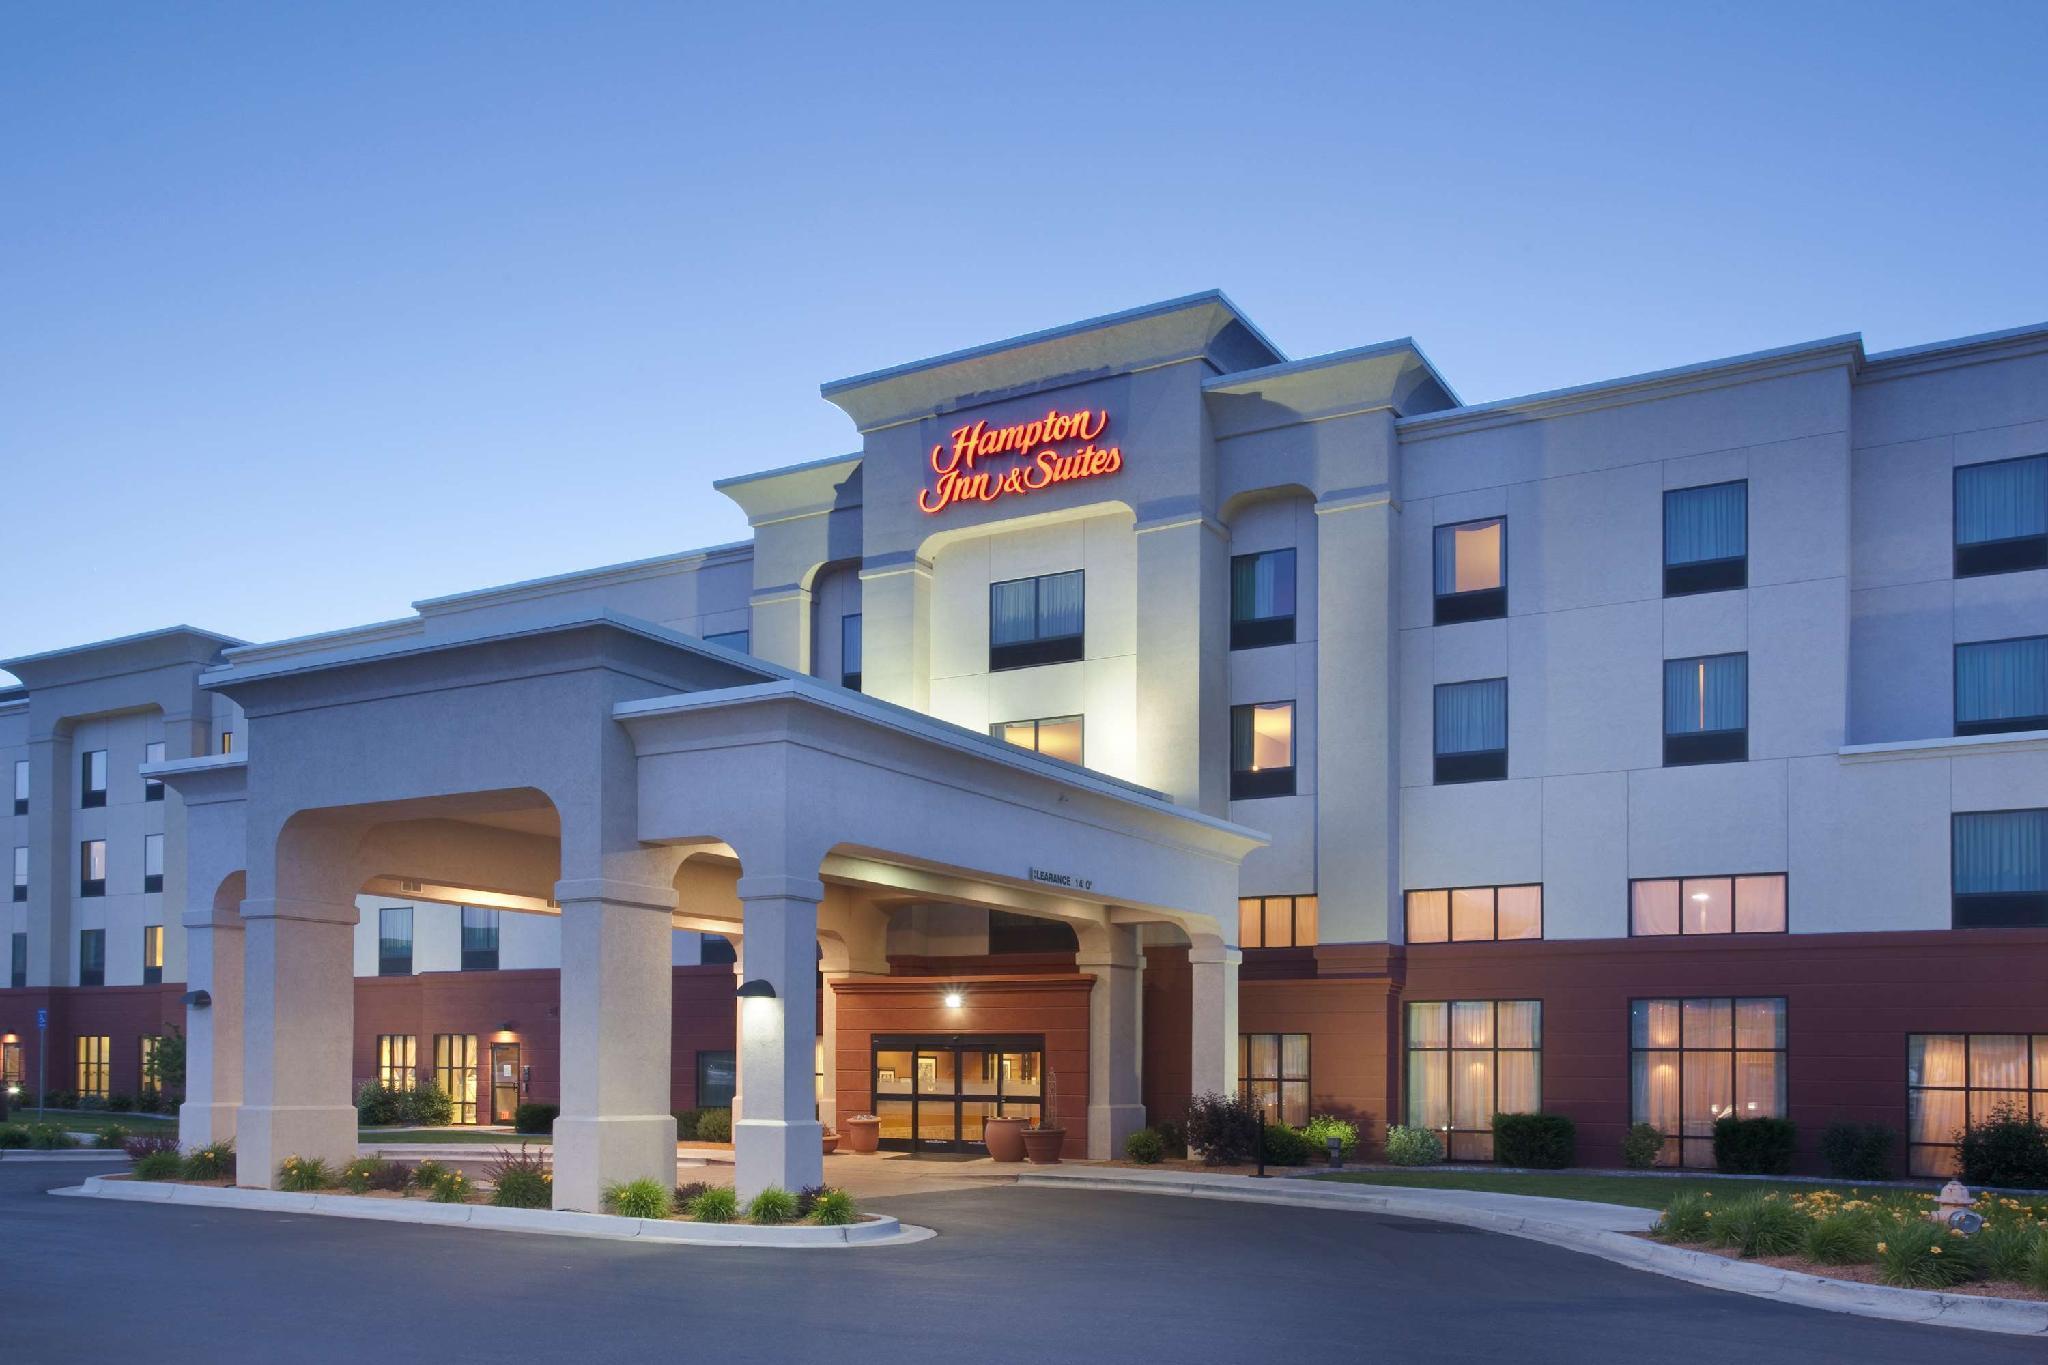 Vasca Da Letto Per Disabili : Hampton inn and suites pocatello pocatello id affari